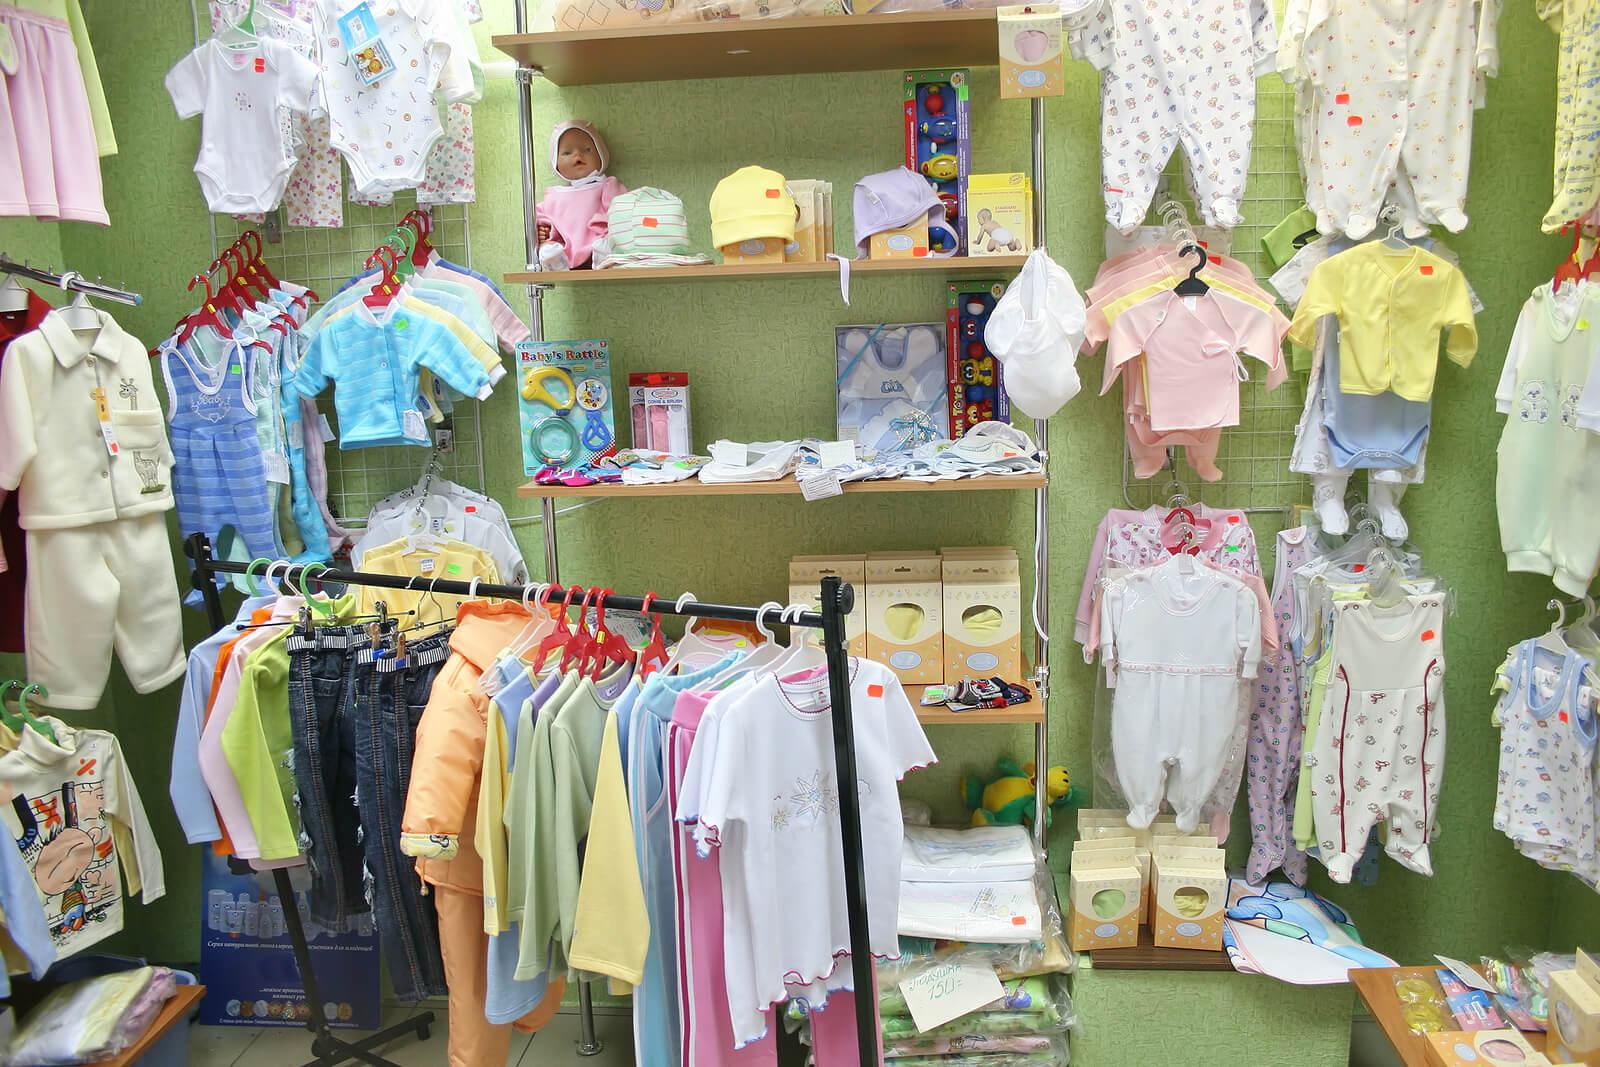 Tienda para comprar ropa al bebé.